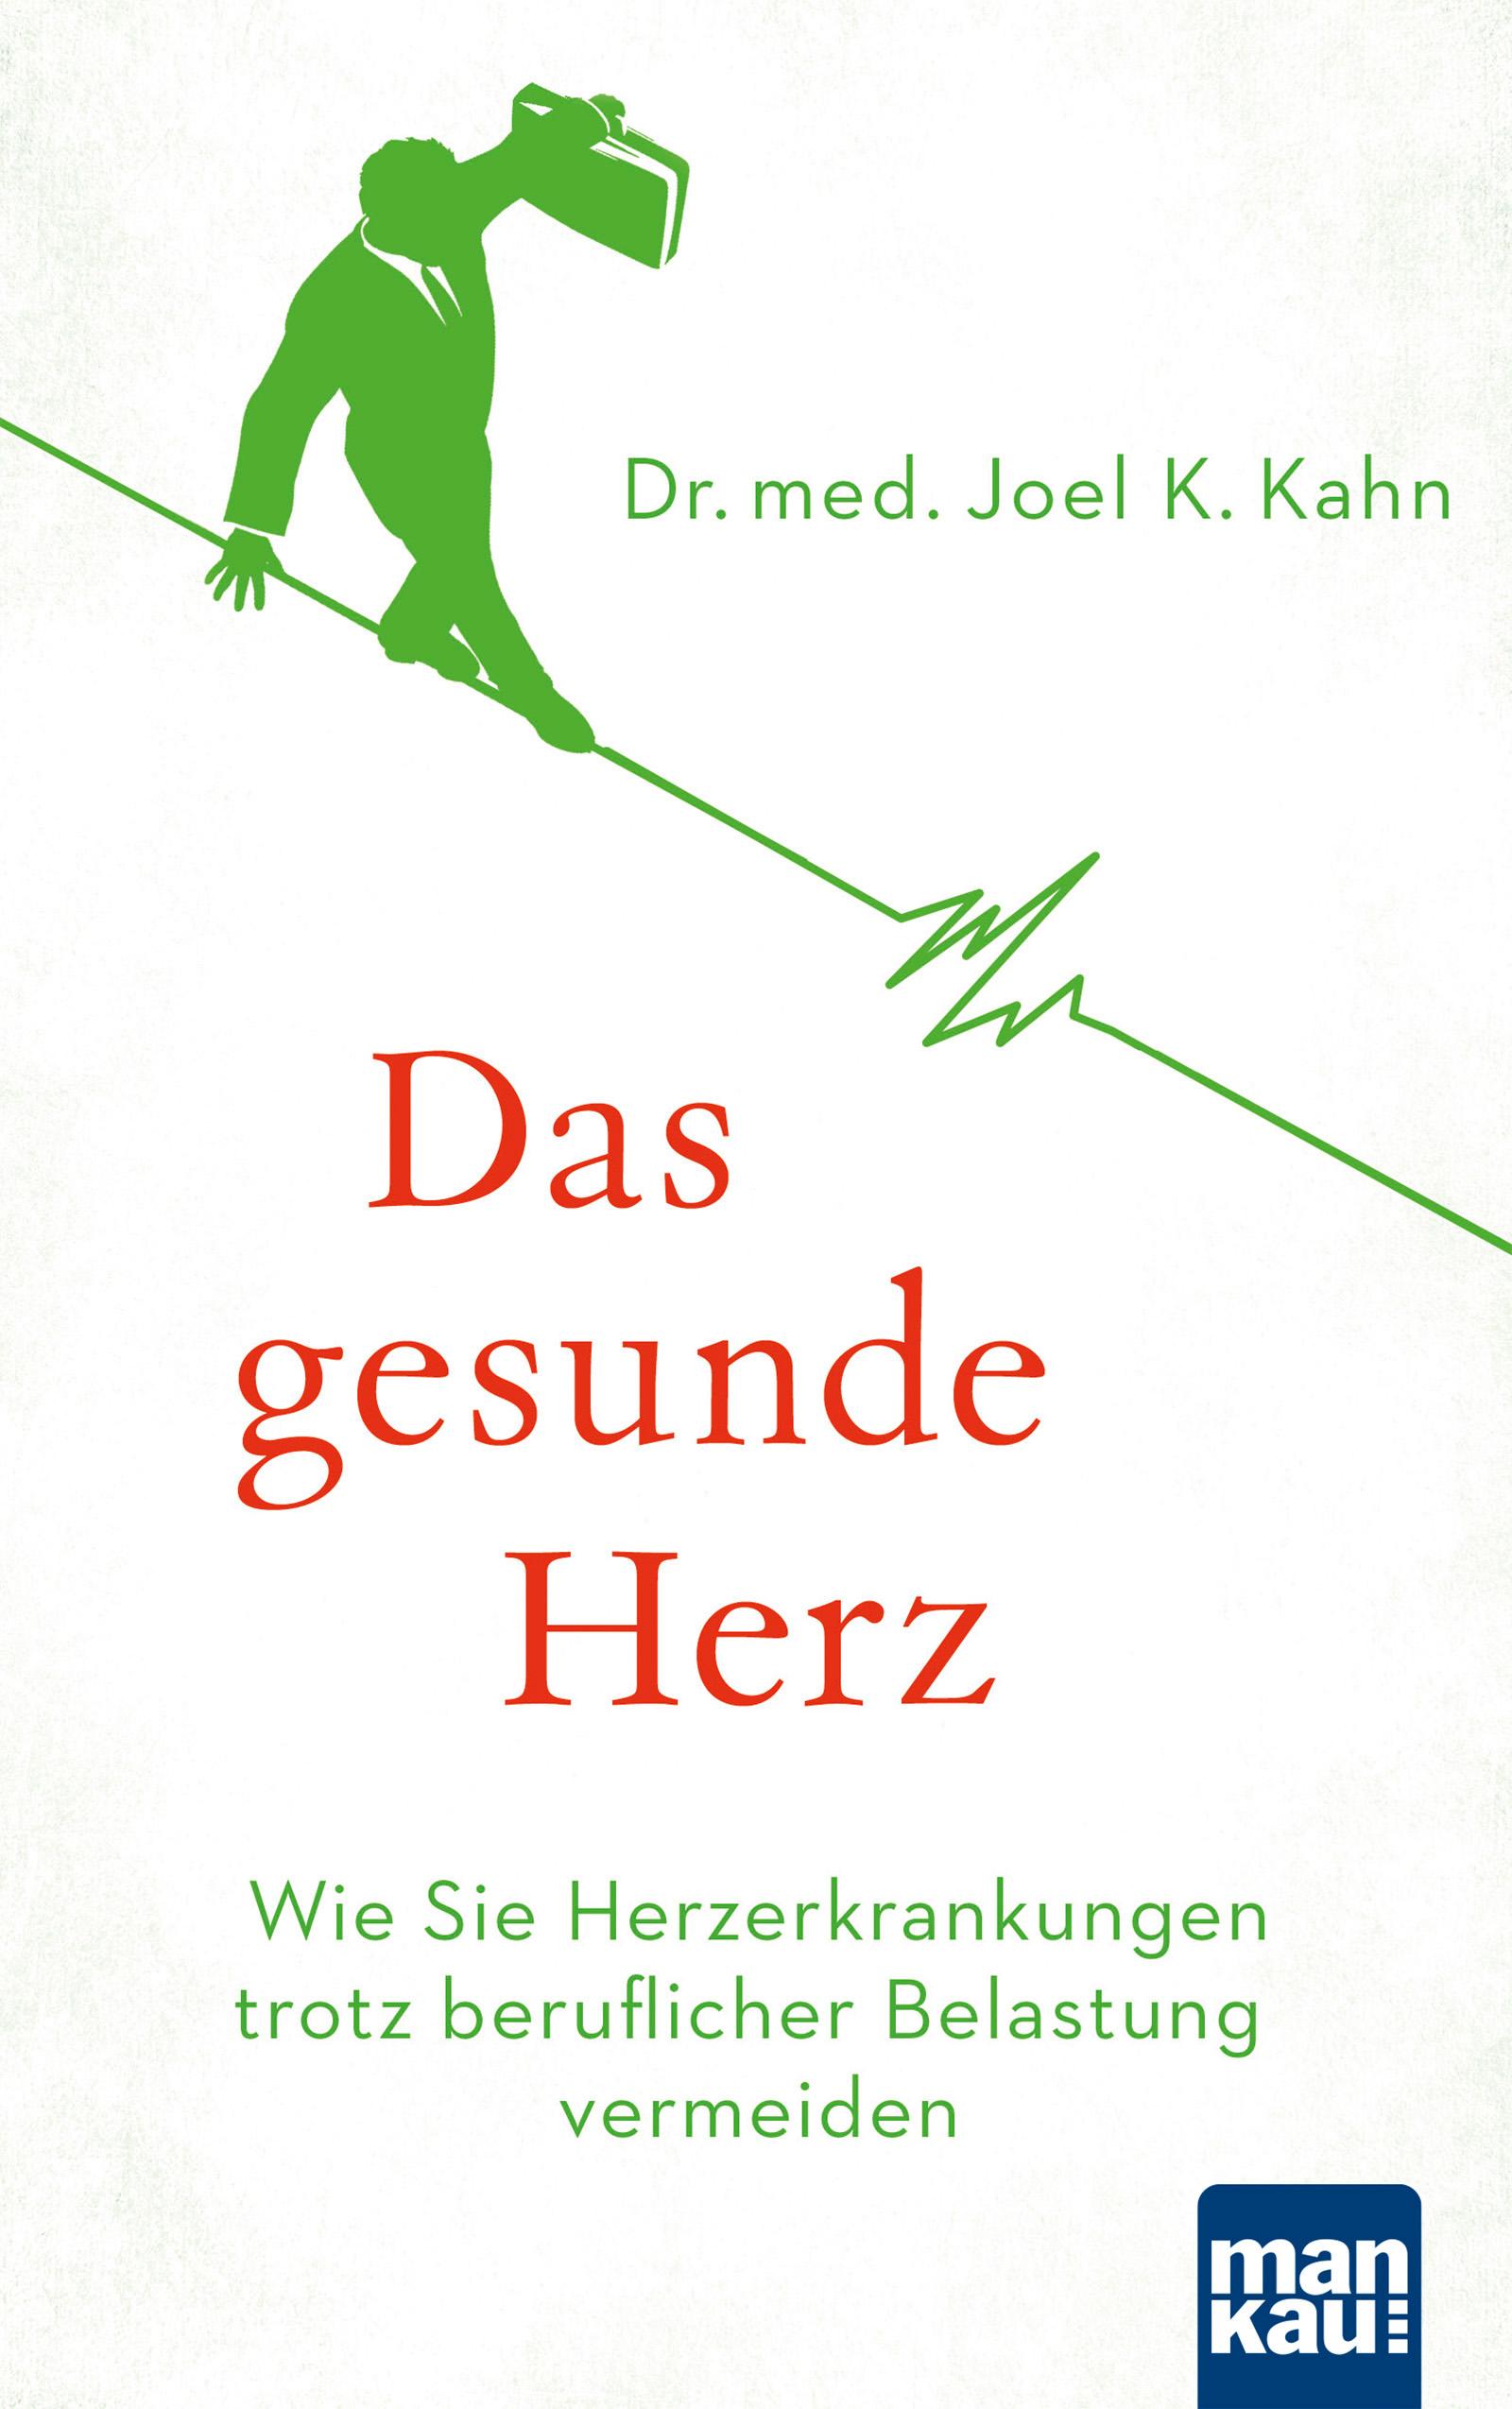 Die Allergie-Bibel, Dr. Earl Mindell, Dr. Pamela Wartian Smith, Mankau Verlag, Becker-PR, Verlags-PR